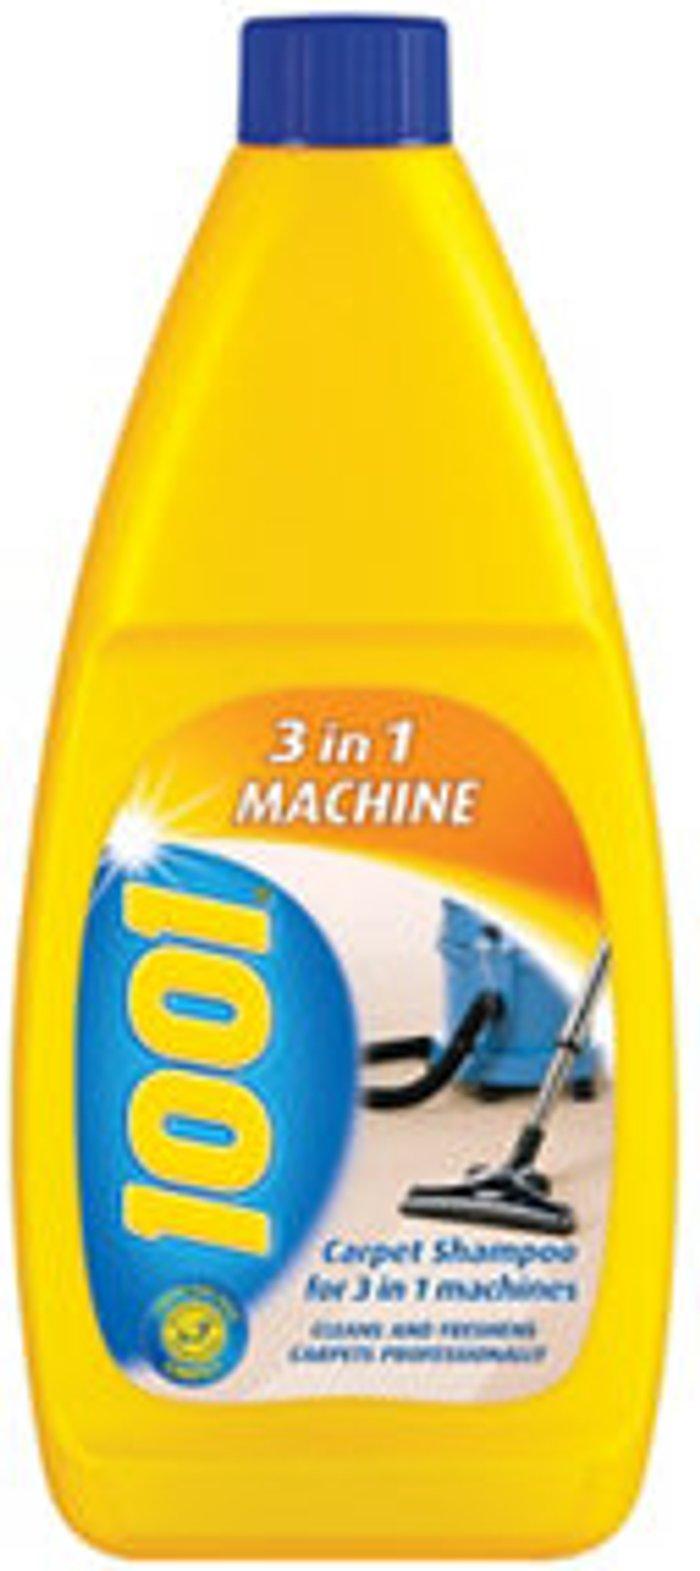 1001 3 in 1 Machine Unscented Carpet shampoo